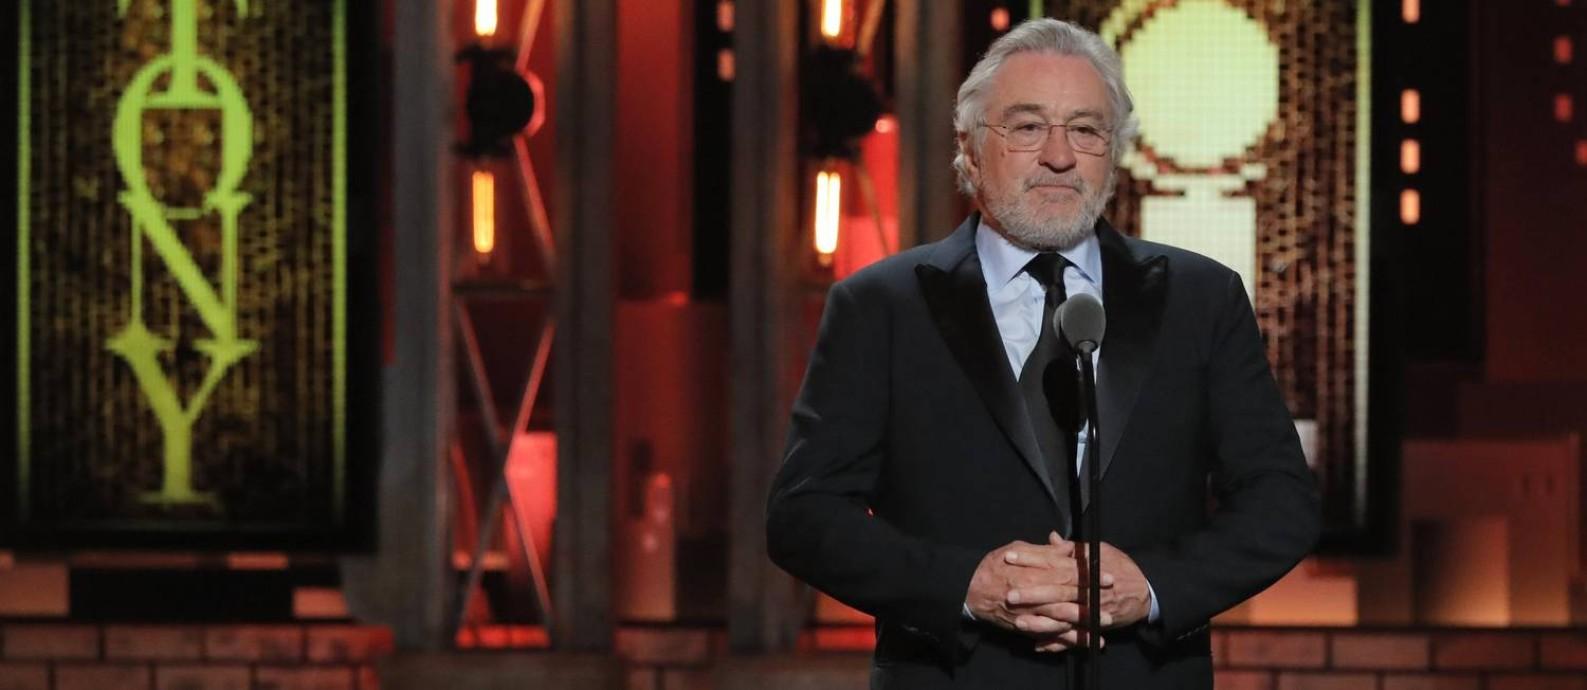 Robert De Niro faz discurso durante o Tony: comentários do ator contra Trump fugiram do tom da cerimônia, que evitou polêmicas Foto: LUCAS JACKSON / REUTERS